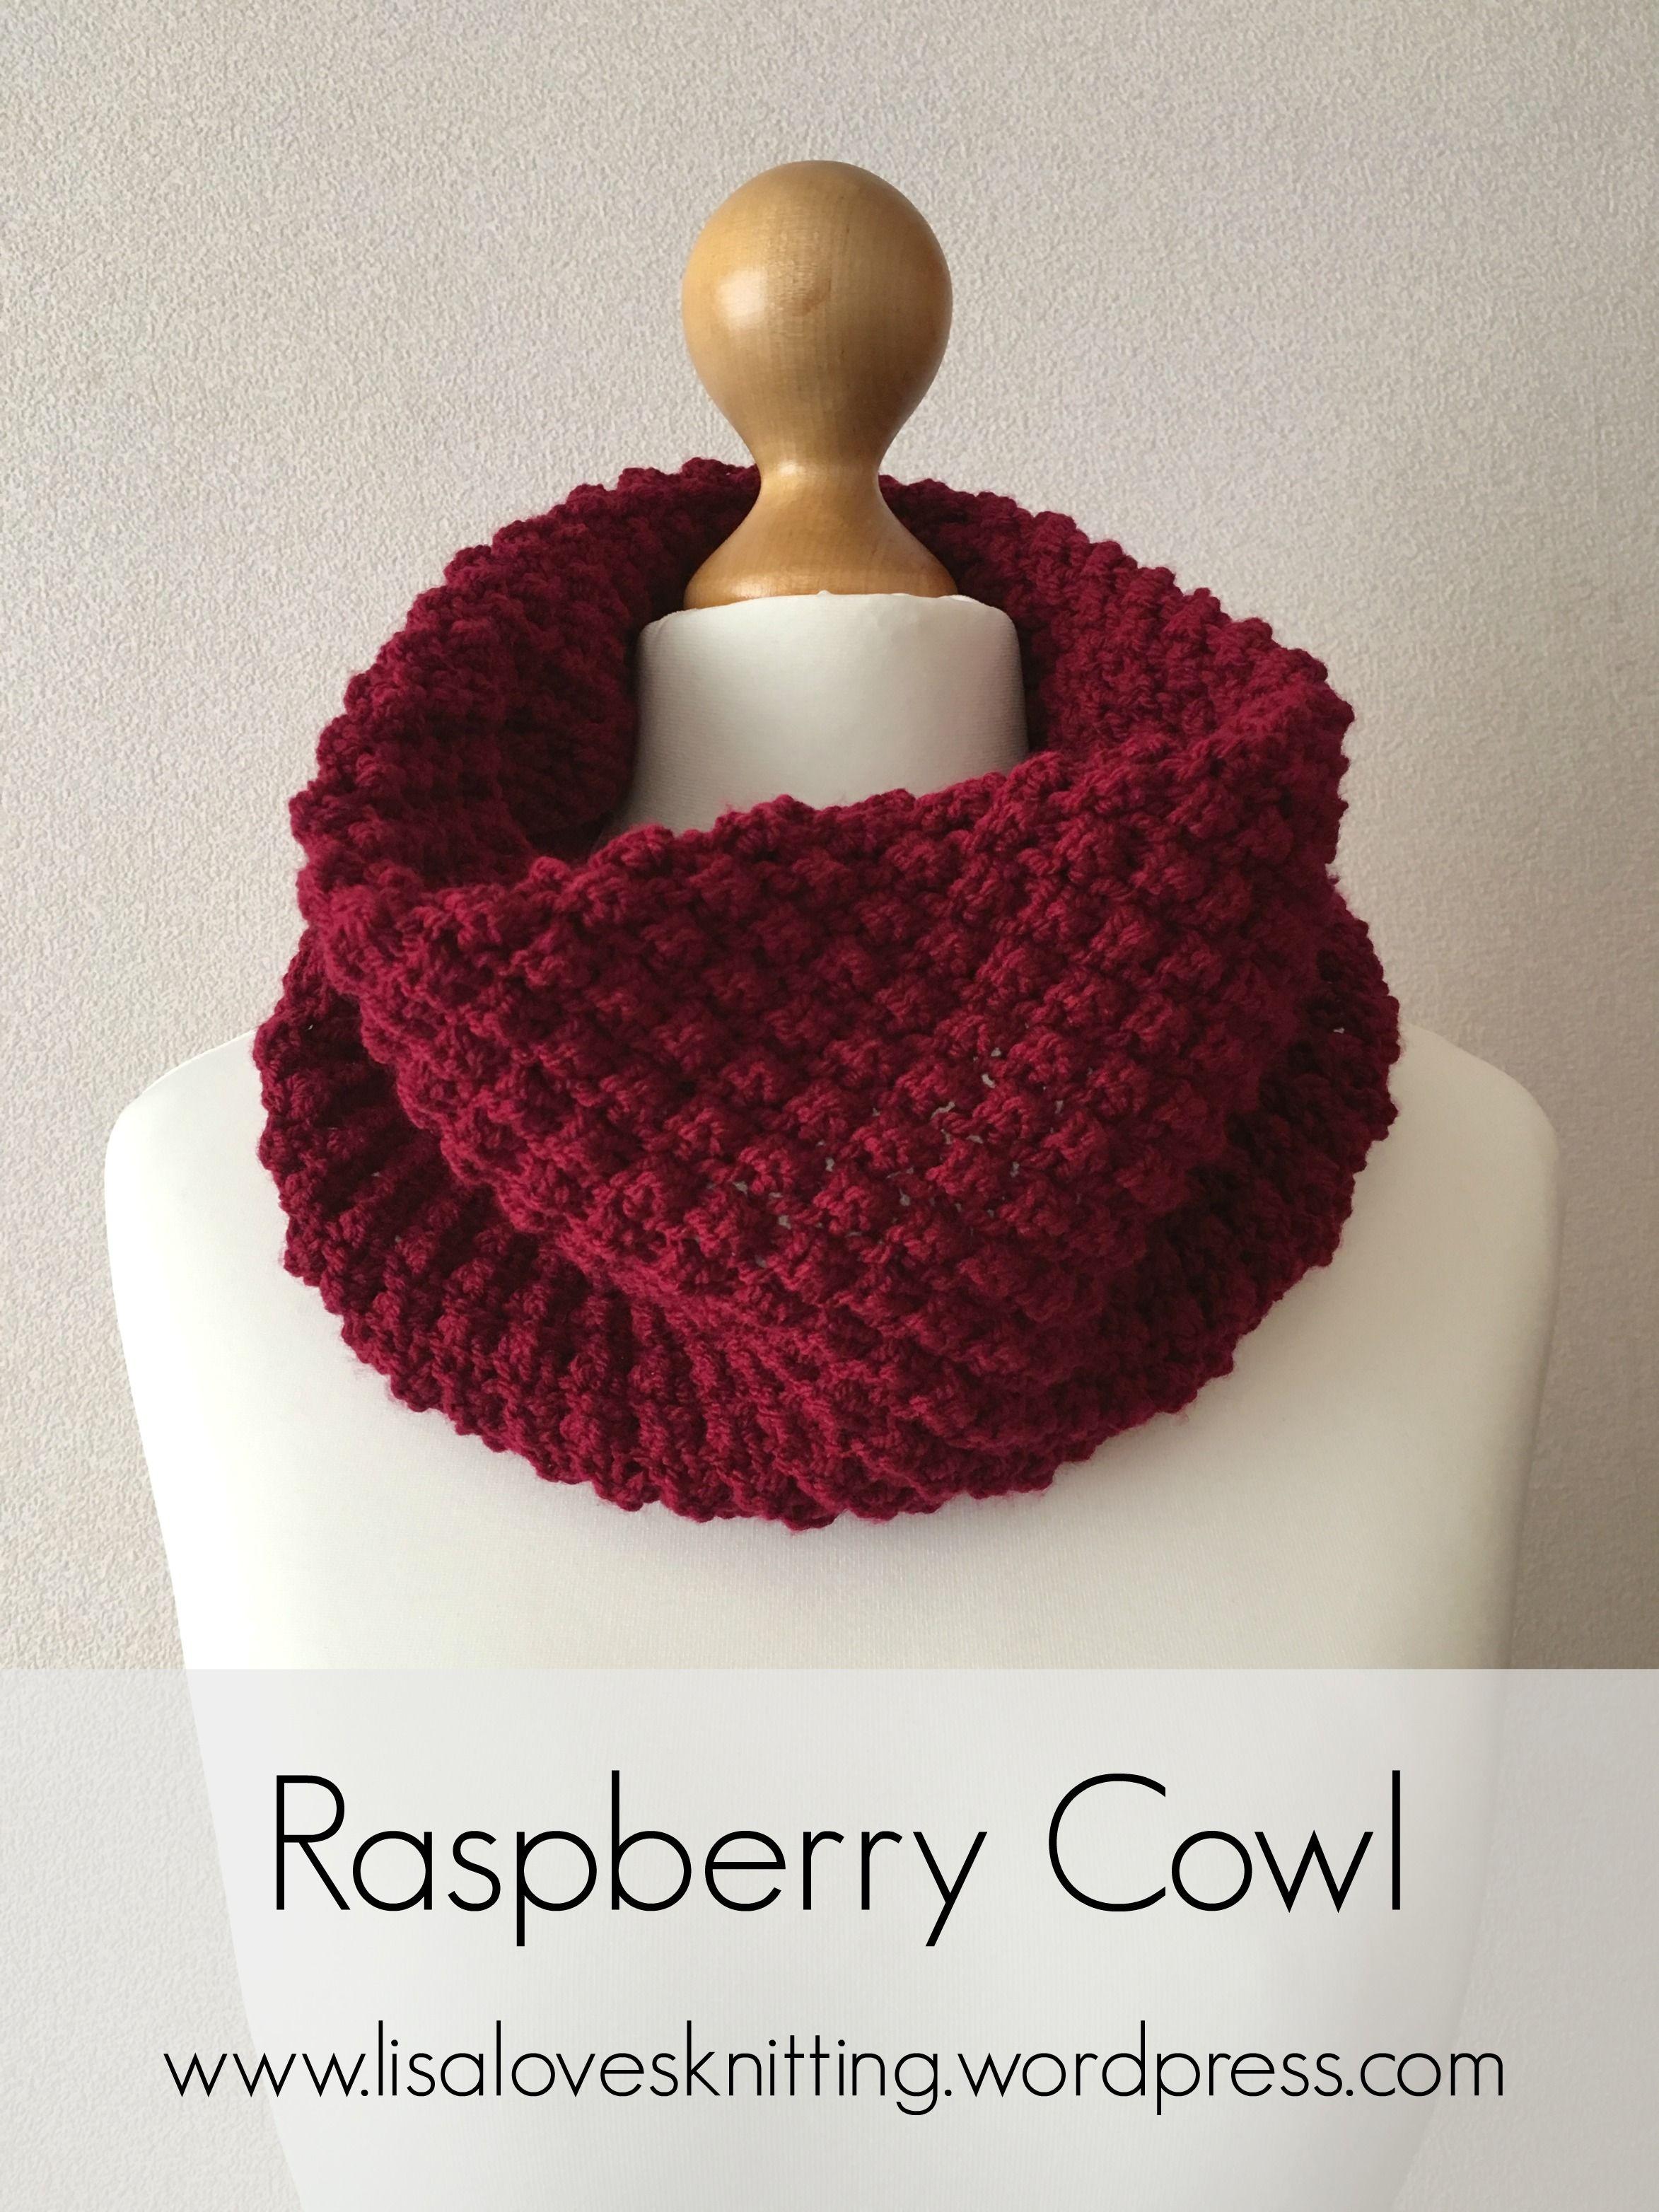 Raspberry Cowl | Knitting patterns, Stitch and Patterns